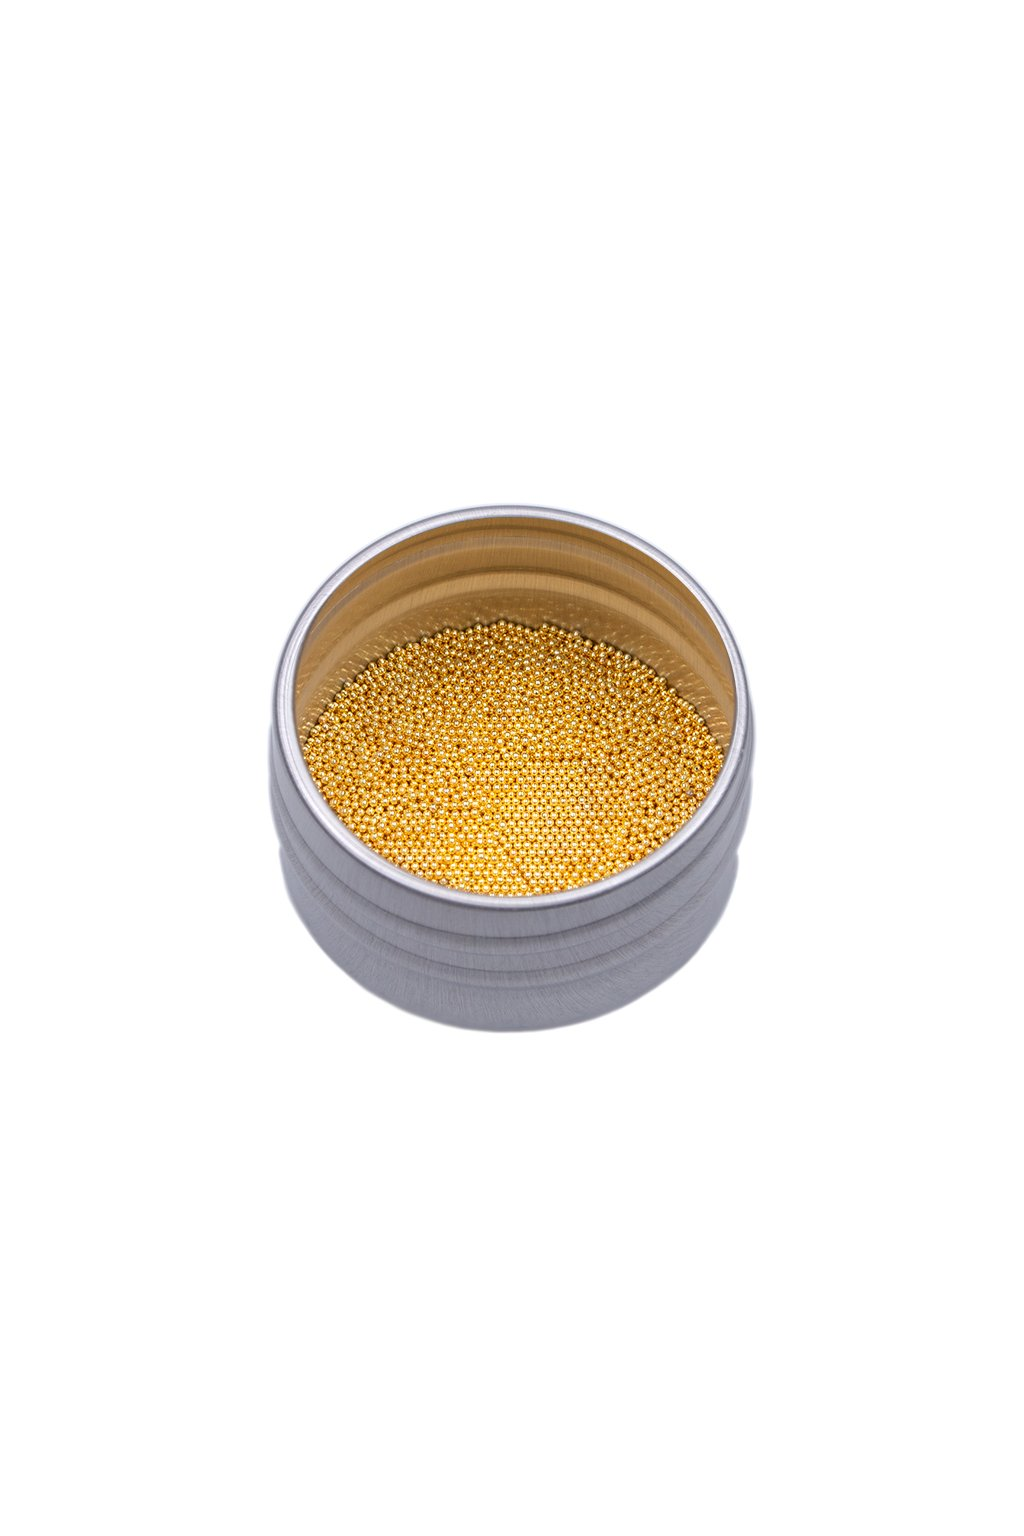 Kaviár 5mm Gold náhled